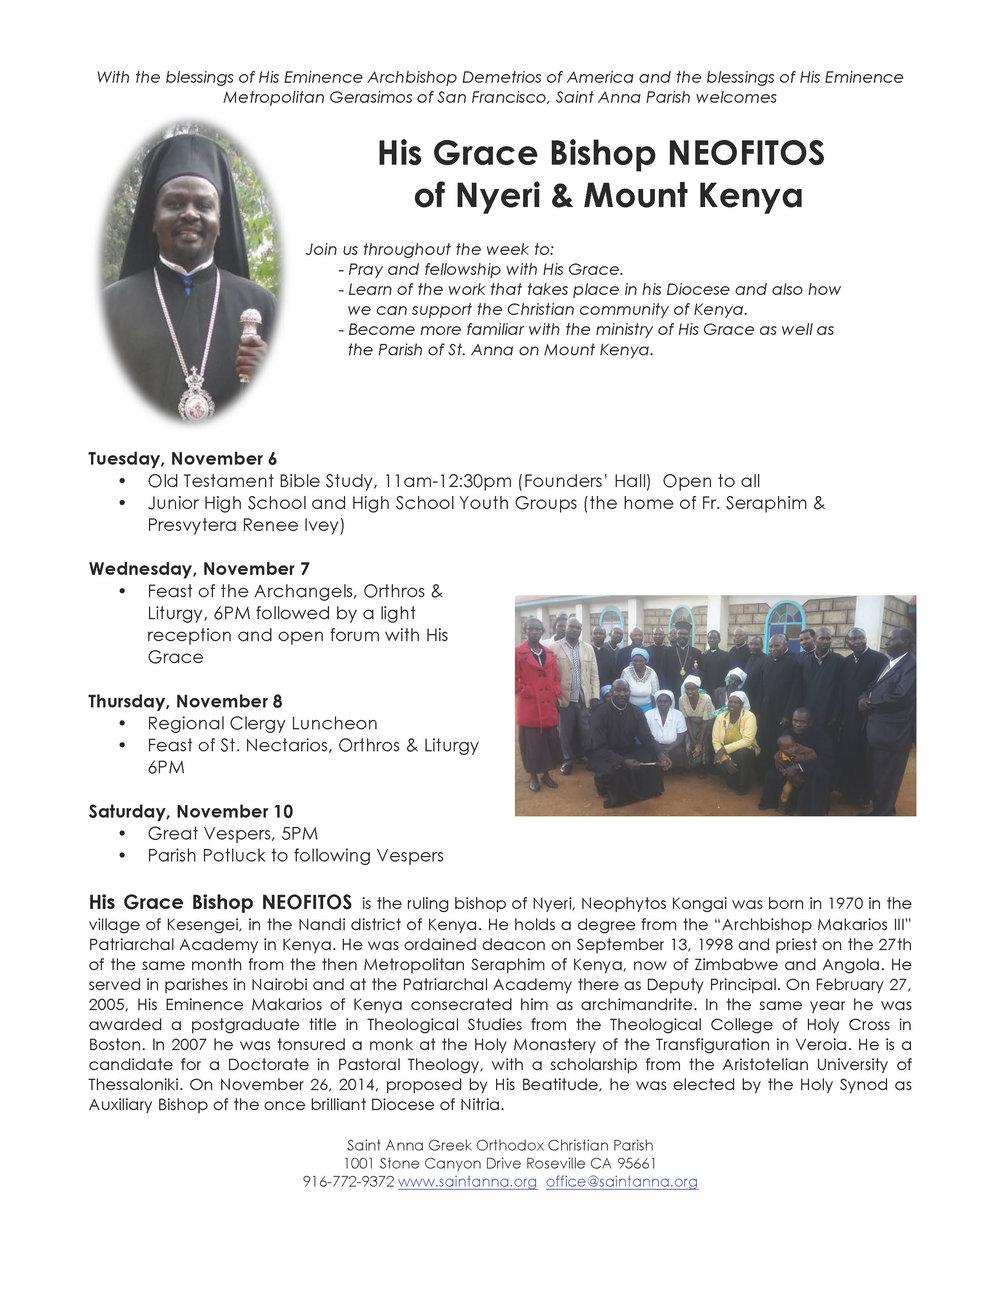 Visit of His Grace Bishop Neofitos of Kenya .jpg